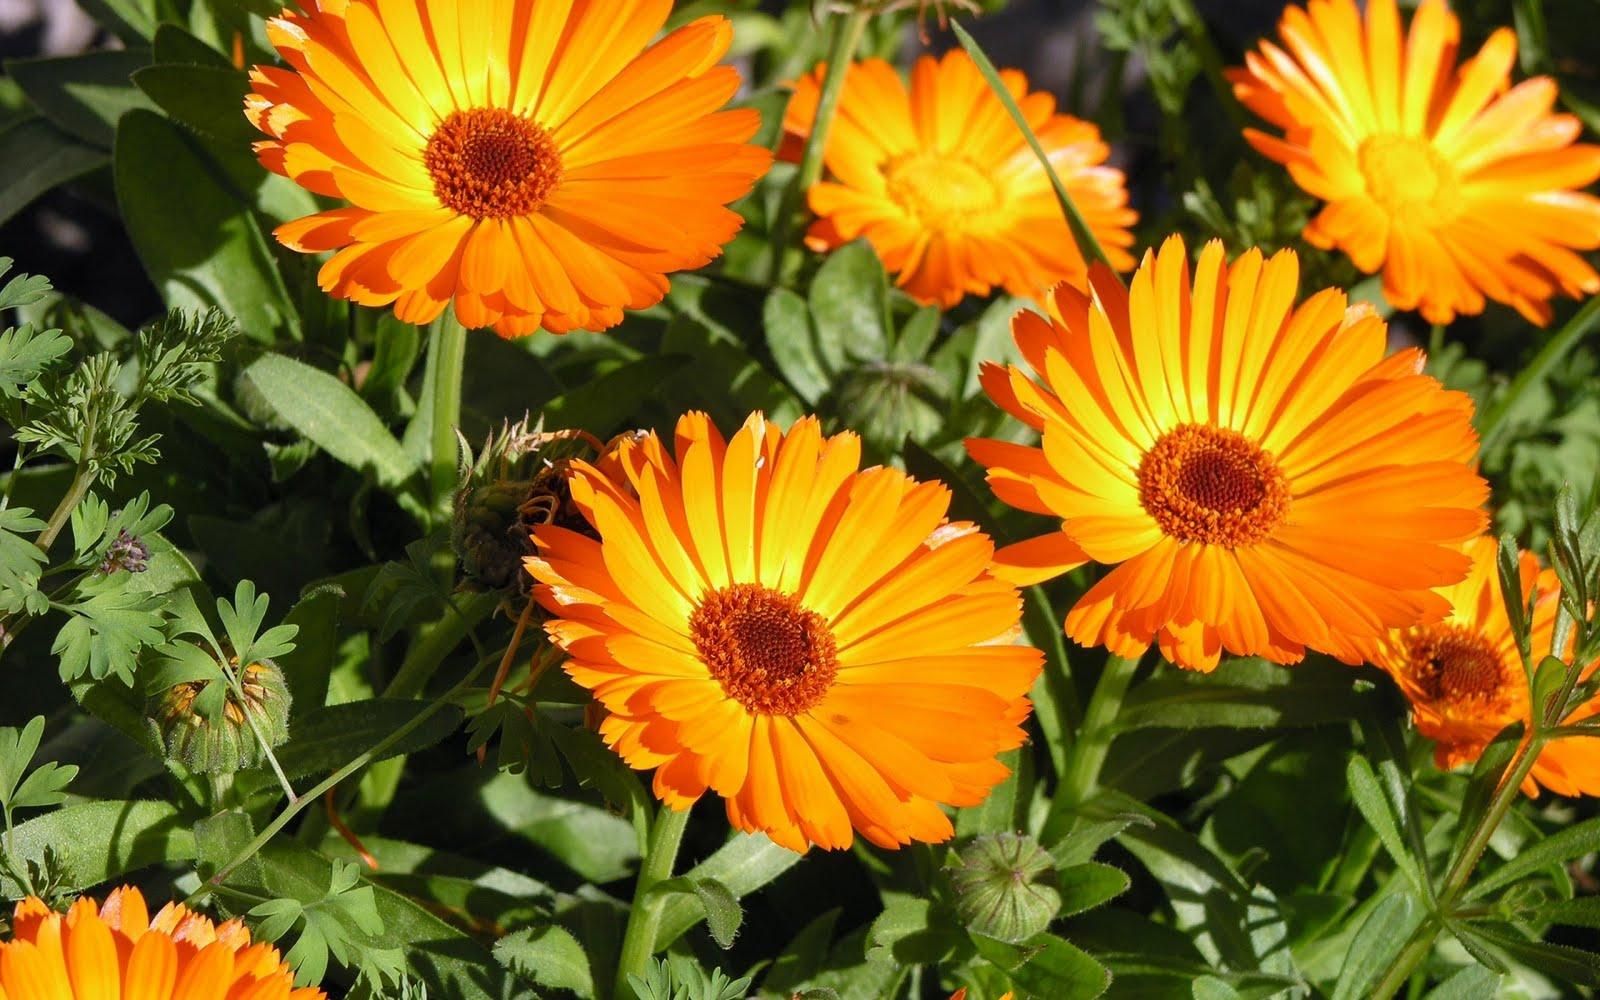 http://3.bp.blogspot.com/_EFOkLzJCJeA/TFU6EQnKGDI/AAAAAAAAARI/niPMhPrzmdI/s1600/orange-flowers-wallpapers_11073_1920x1200.jpg